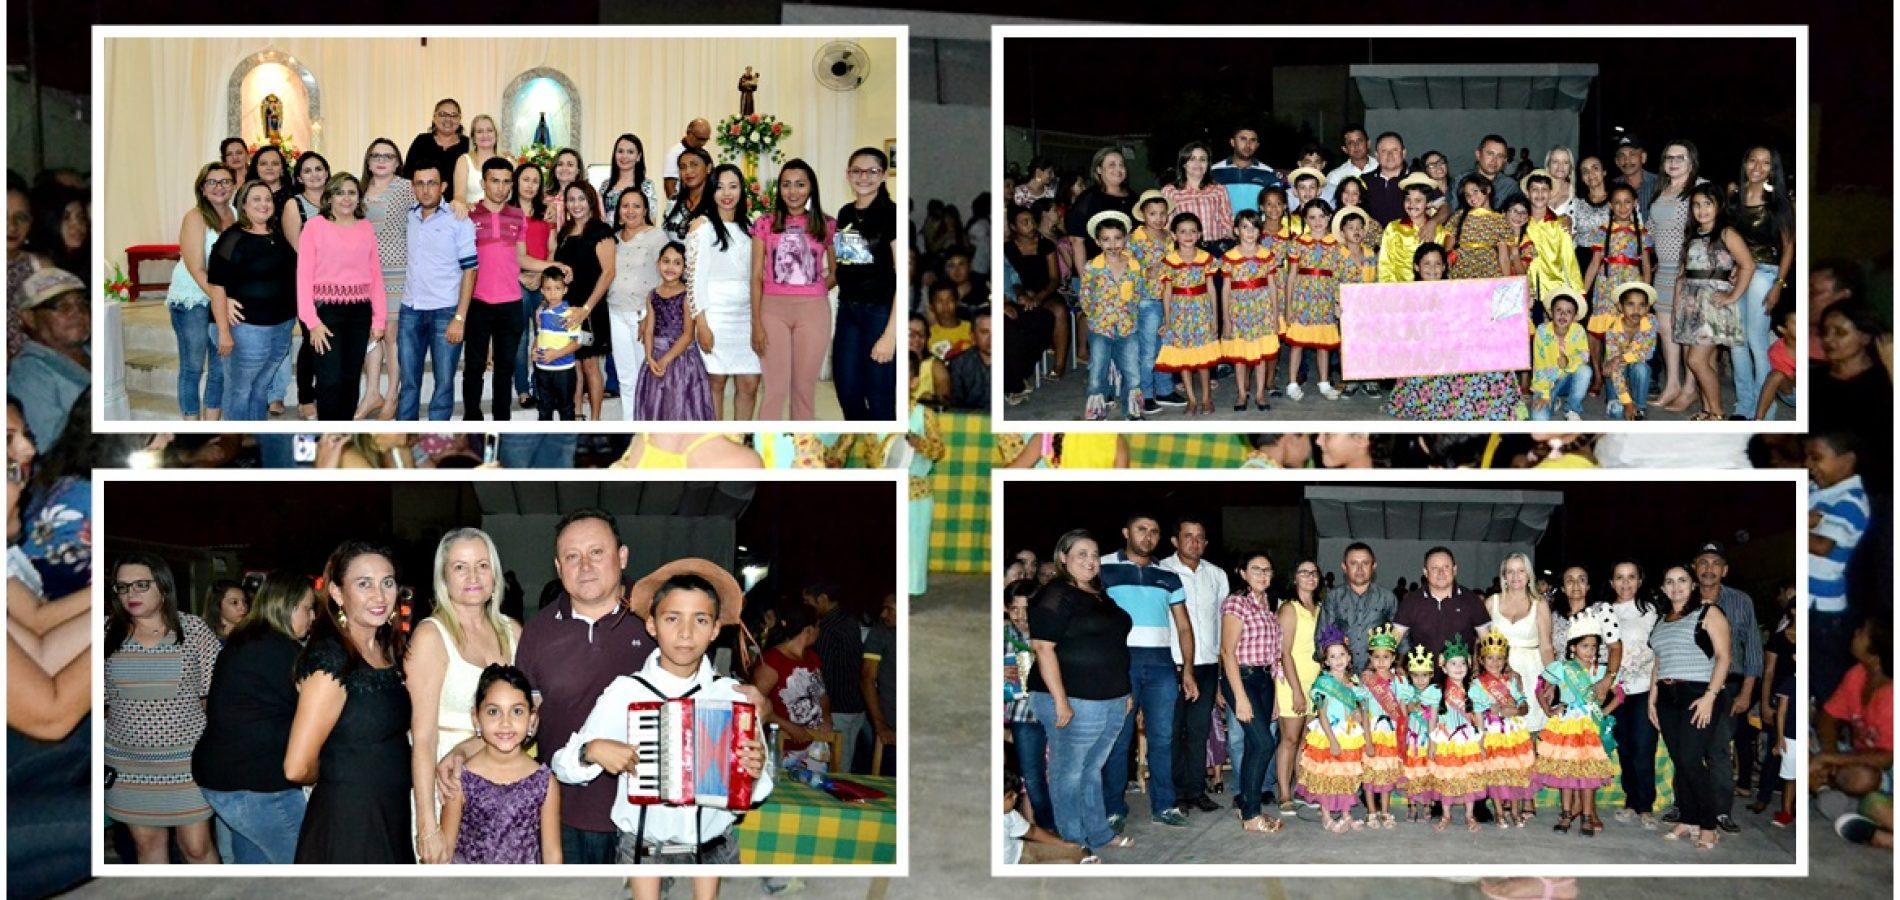 Novena Missa seguida de apresentações culturais da Educação Municipal marca 6ª noite dos festejos de Santo Antônio em Vila Nova